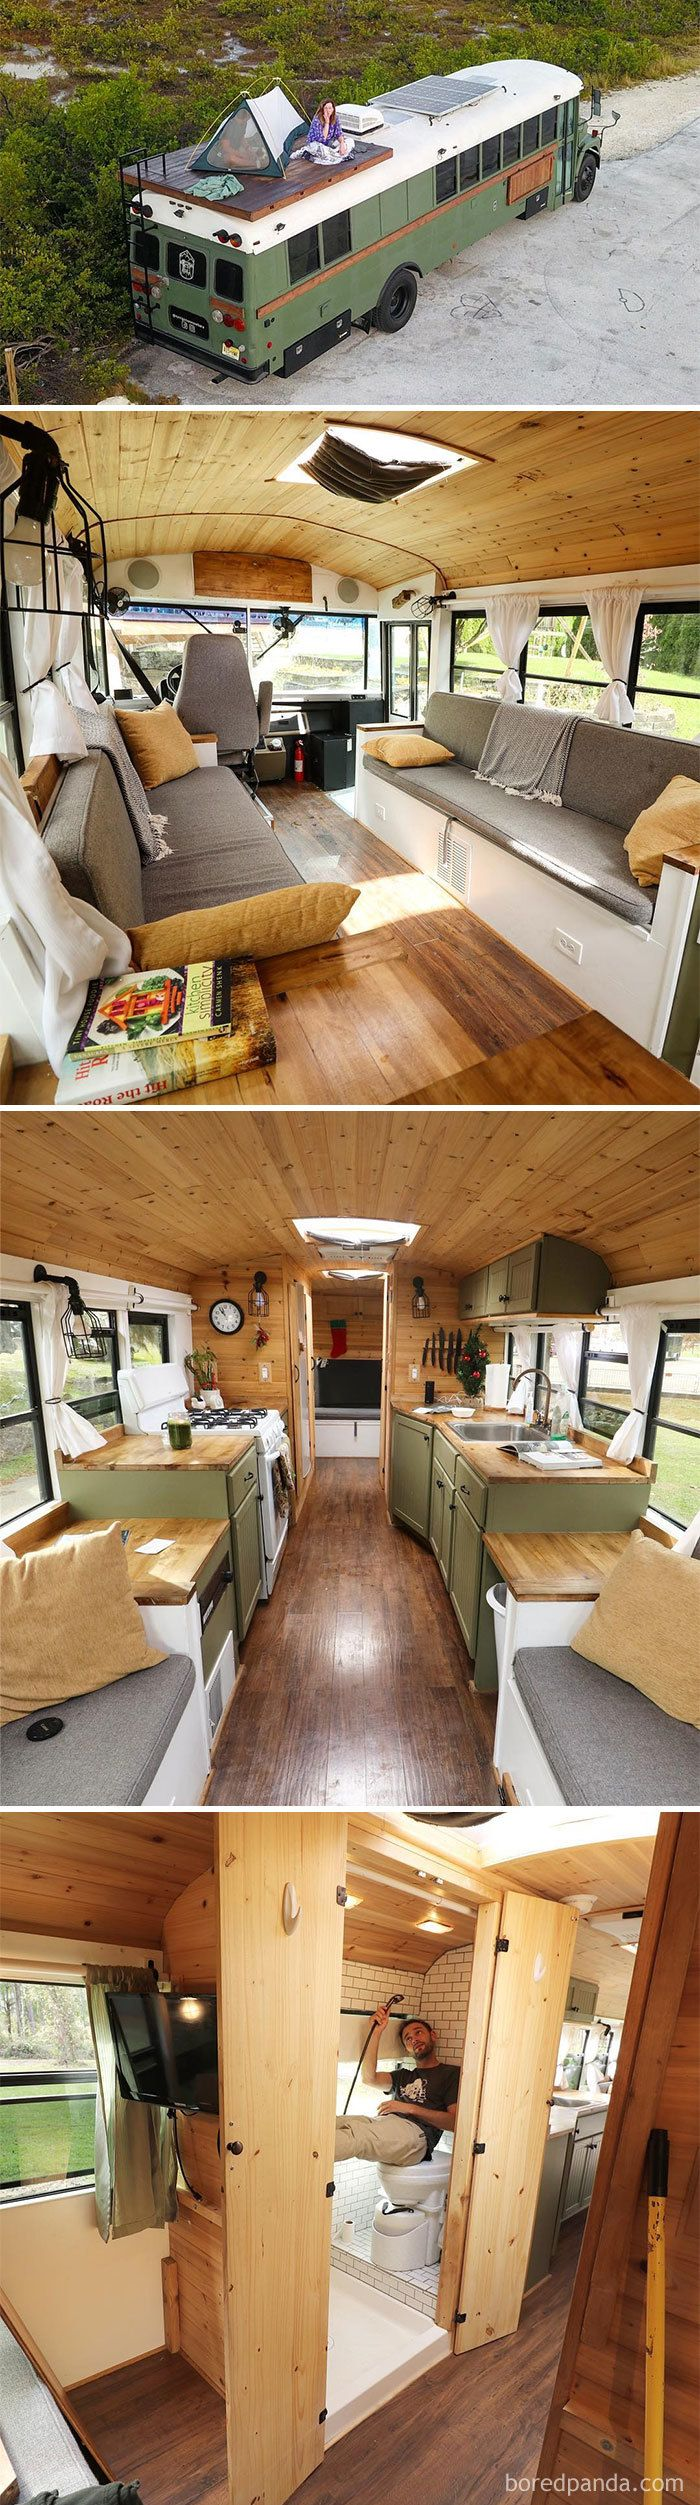 As 30 transformações mais épicas de vans e ônibus que vão te inspirar a cair na estrada #tinyhome